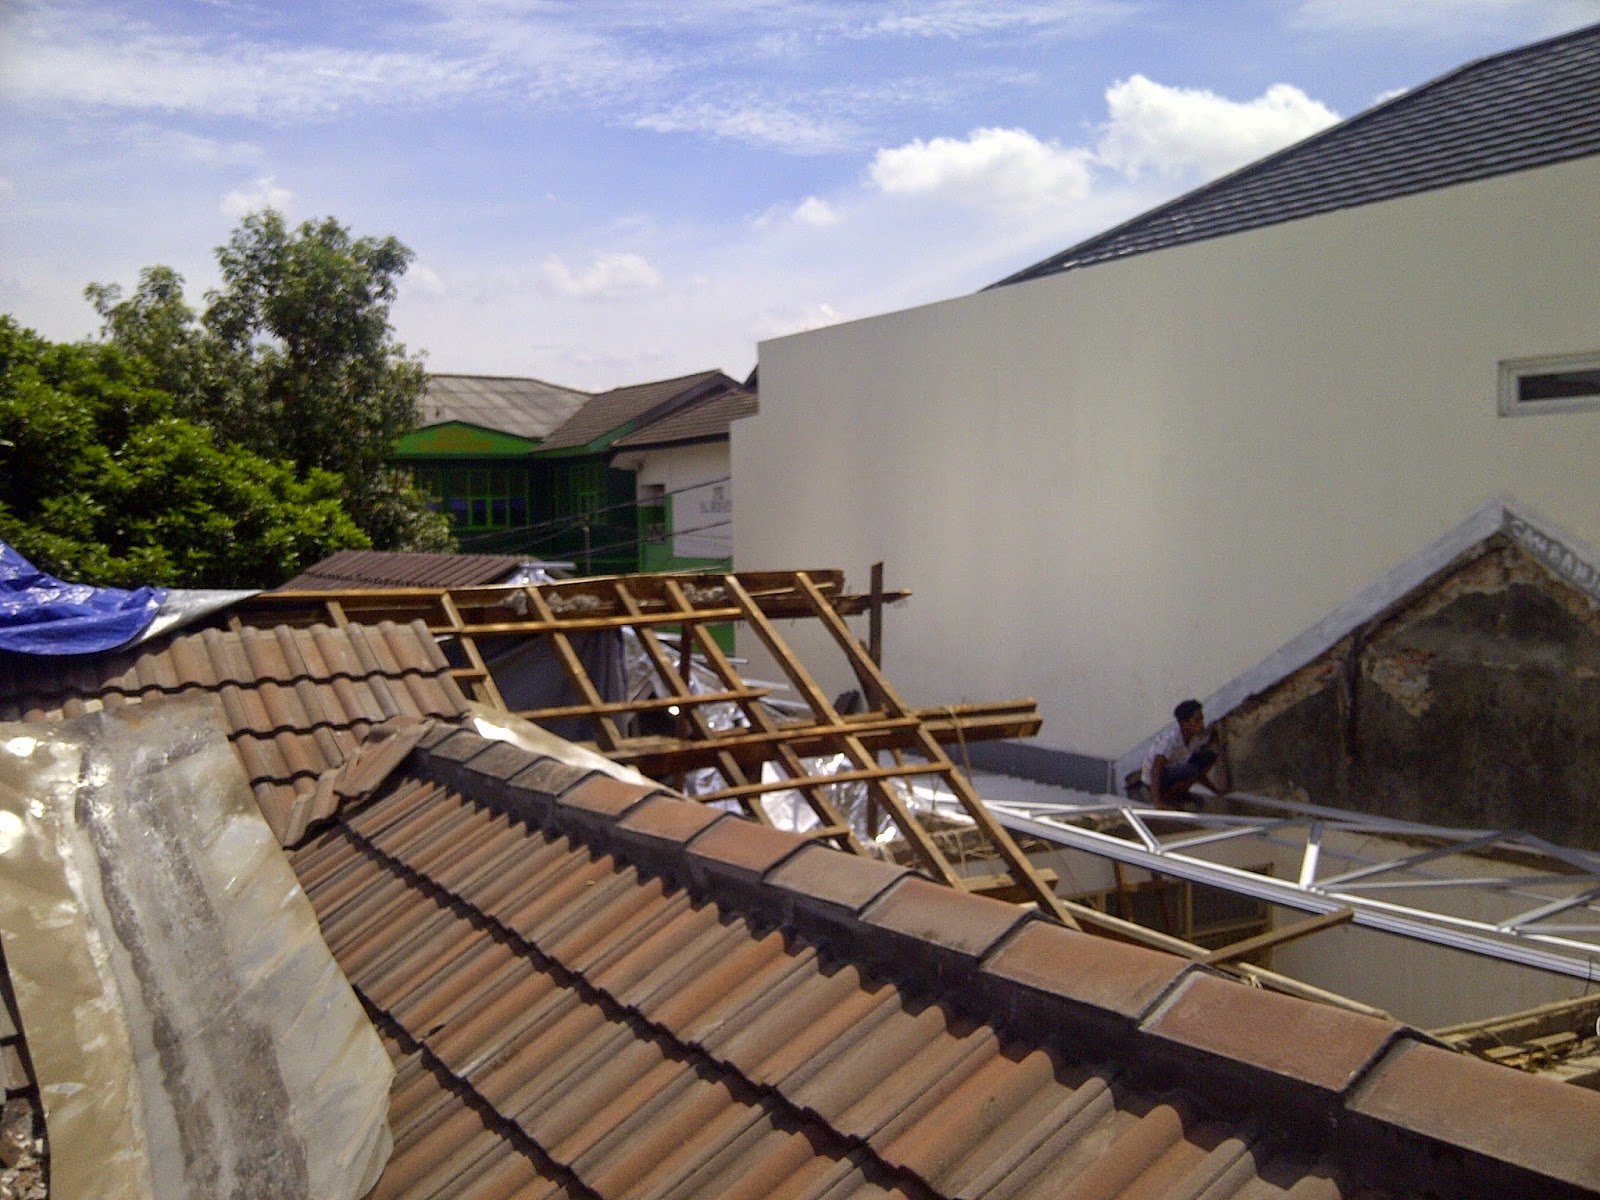 lisplang kanopi baja ringan spesialis i renovasi atap ...